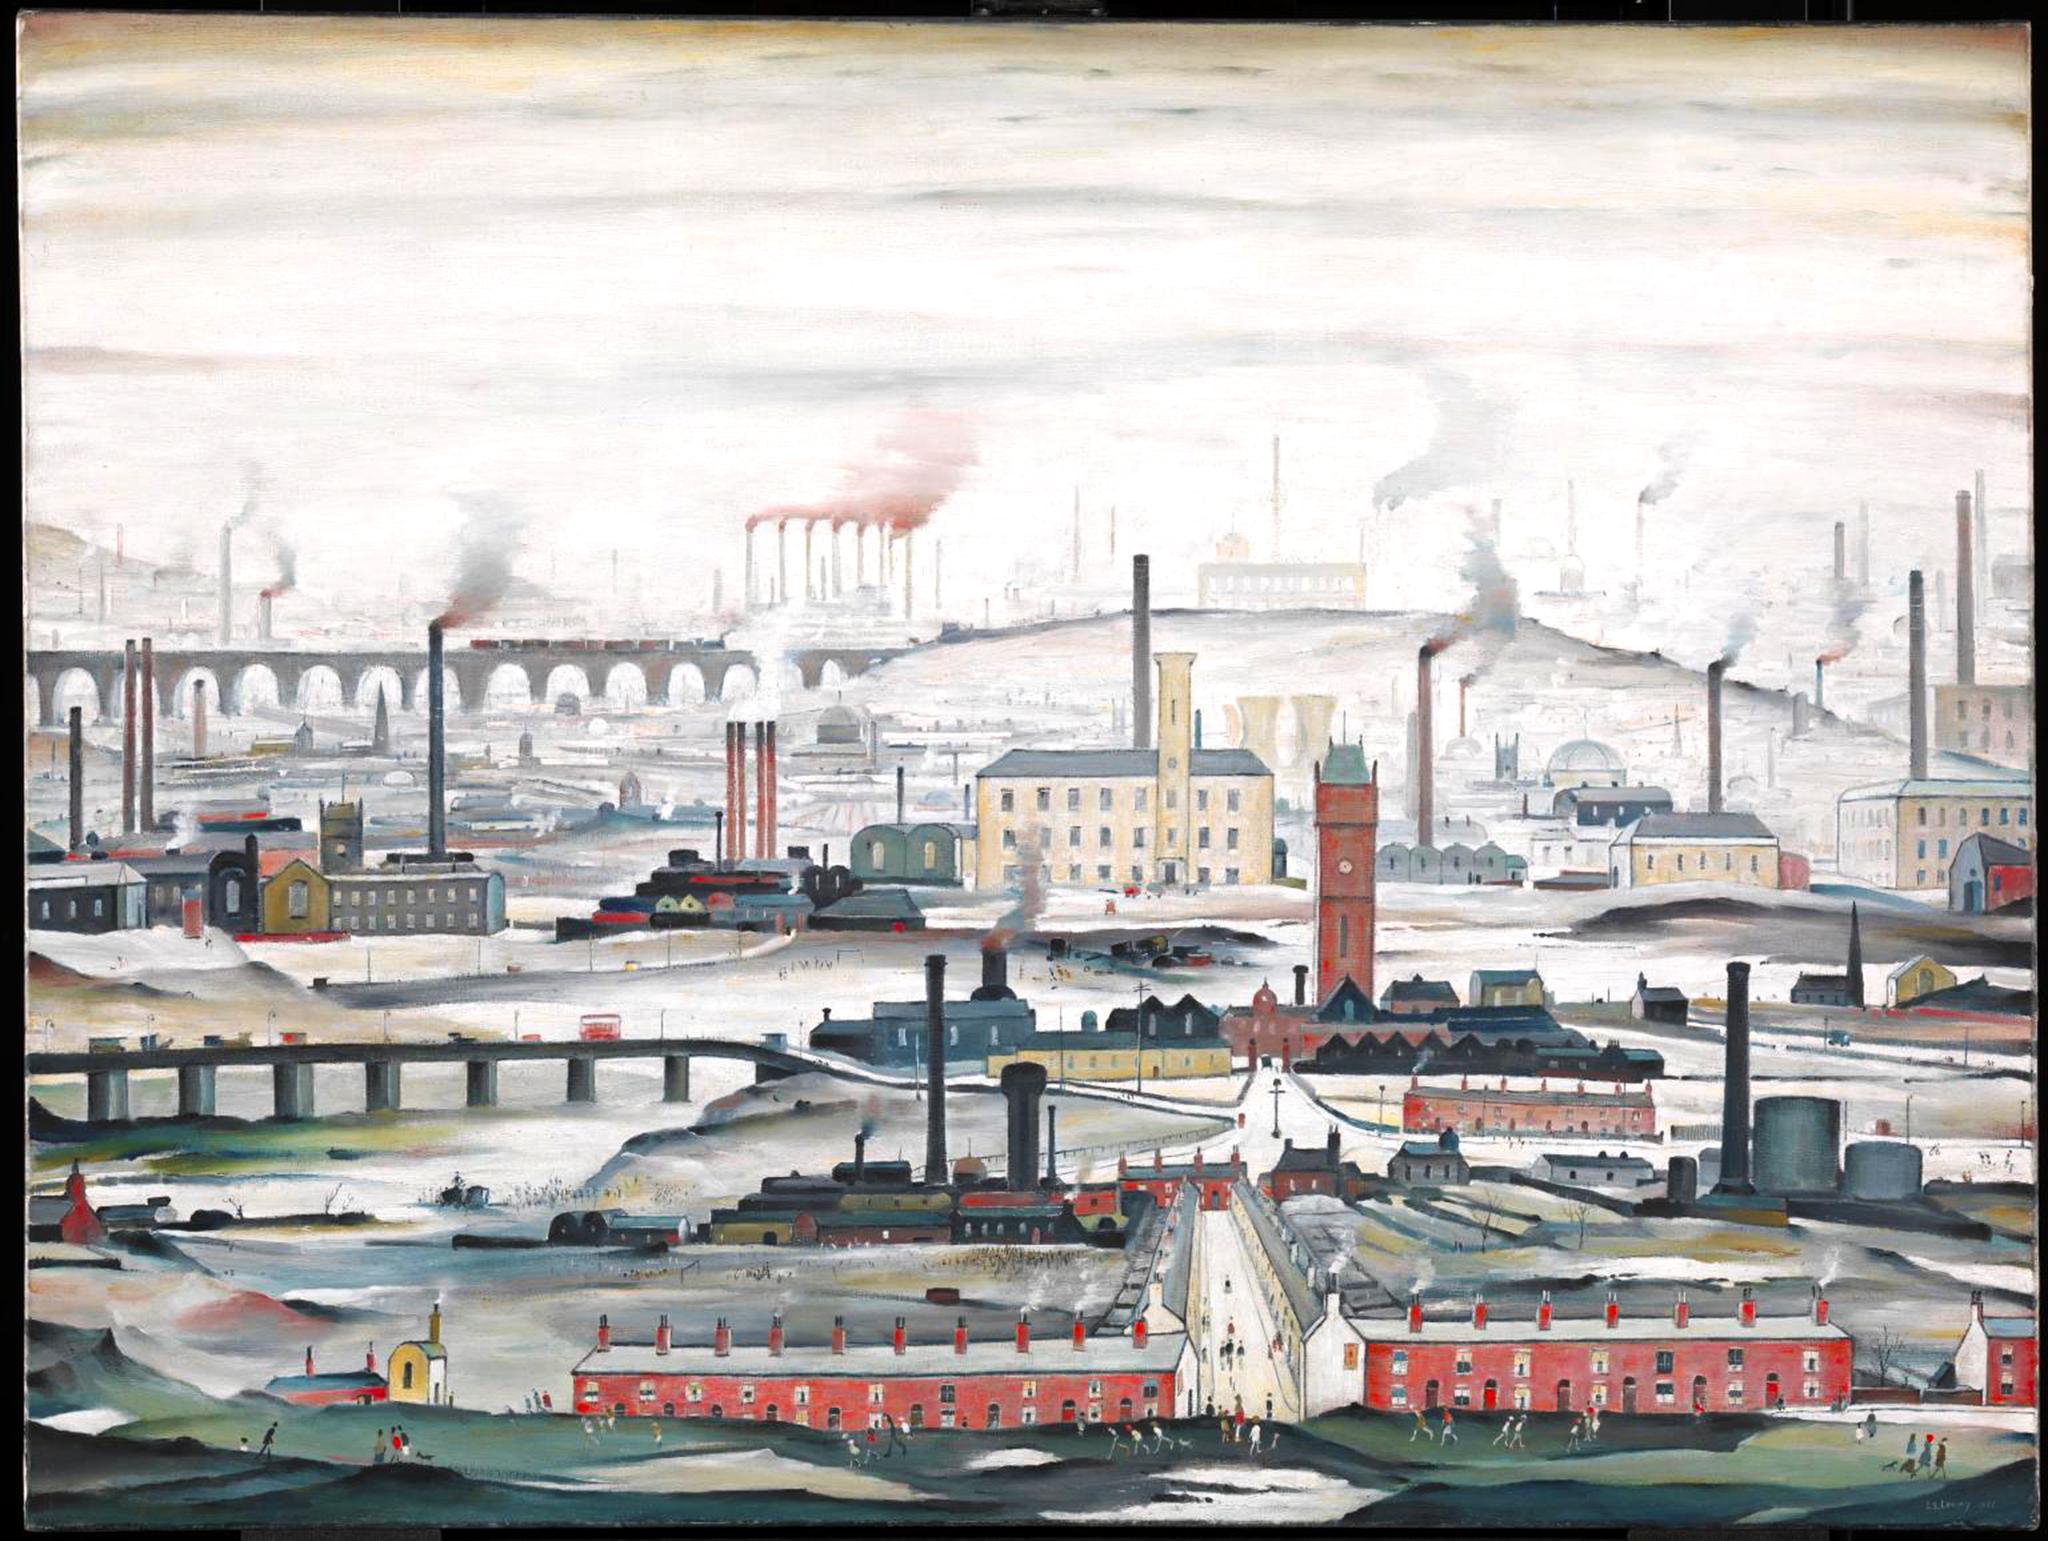 Poluição atmosférica e saúde